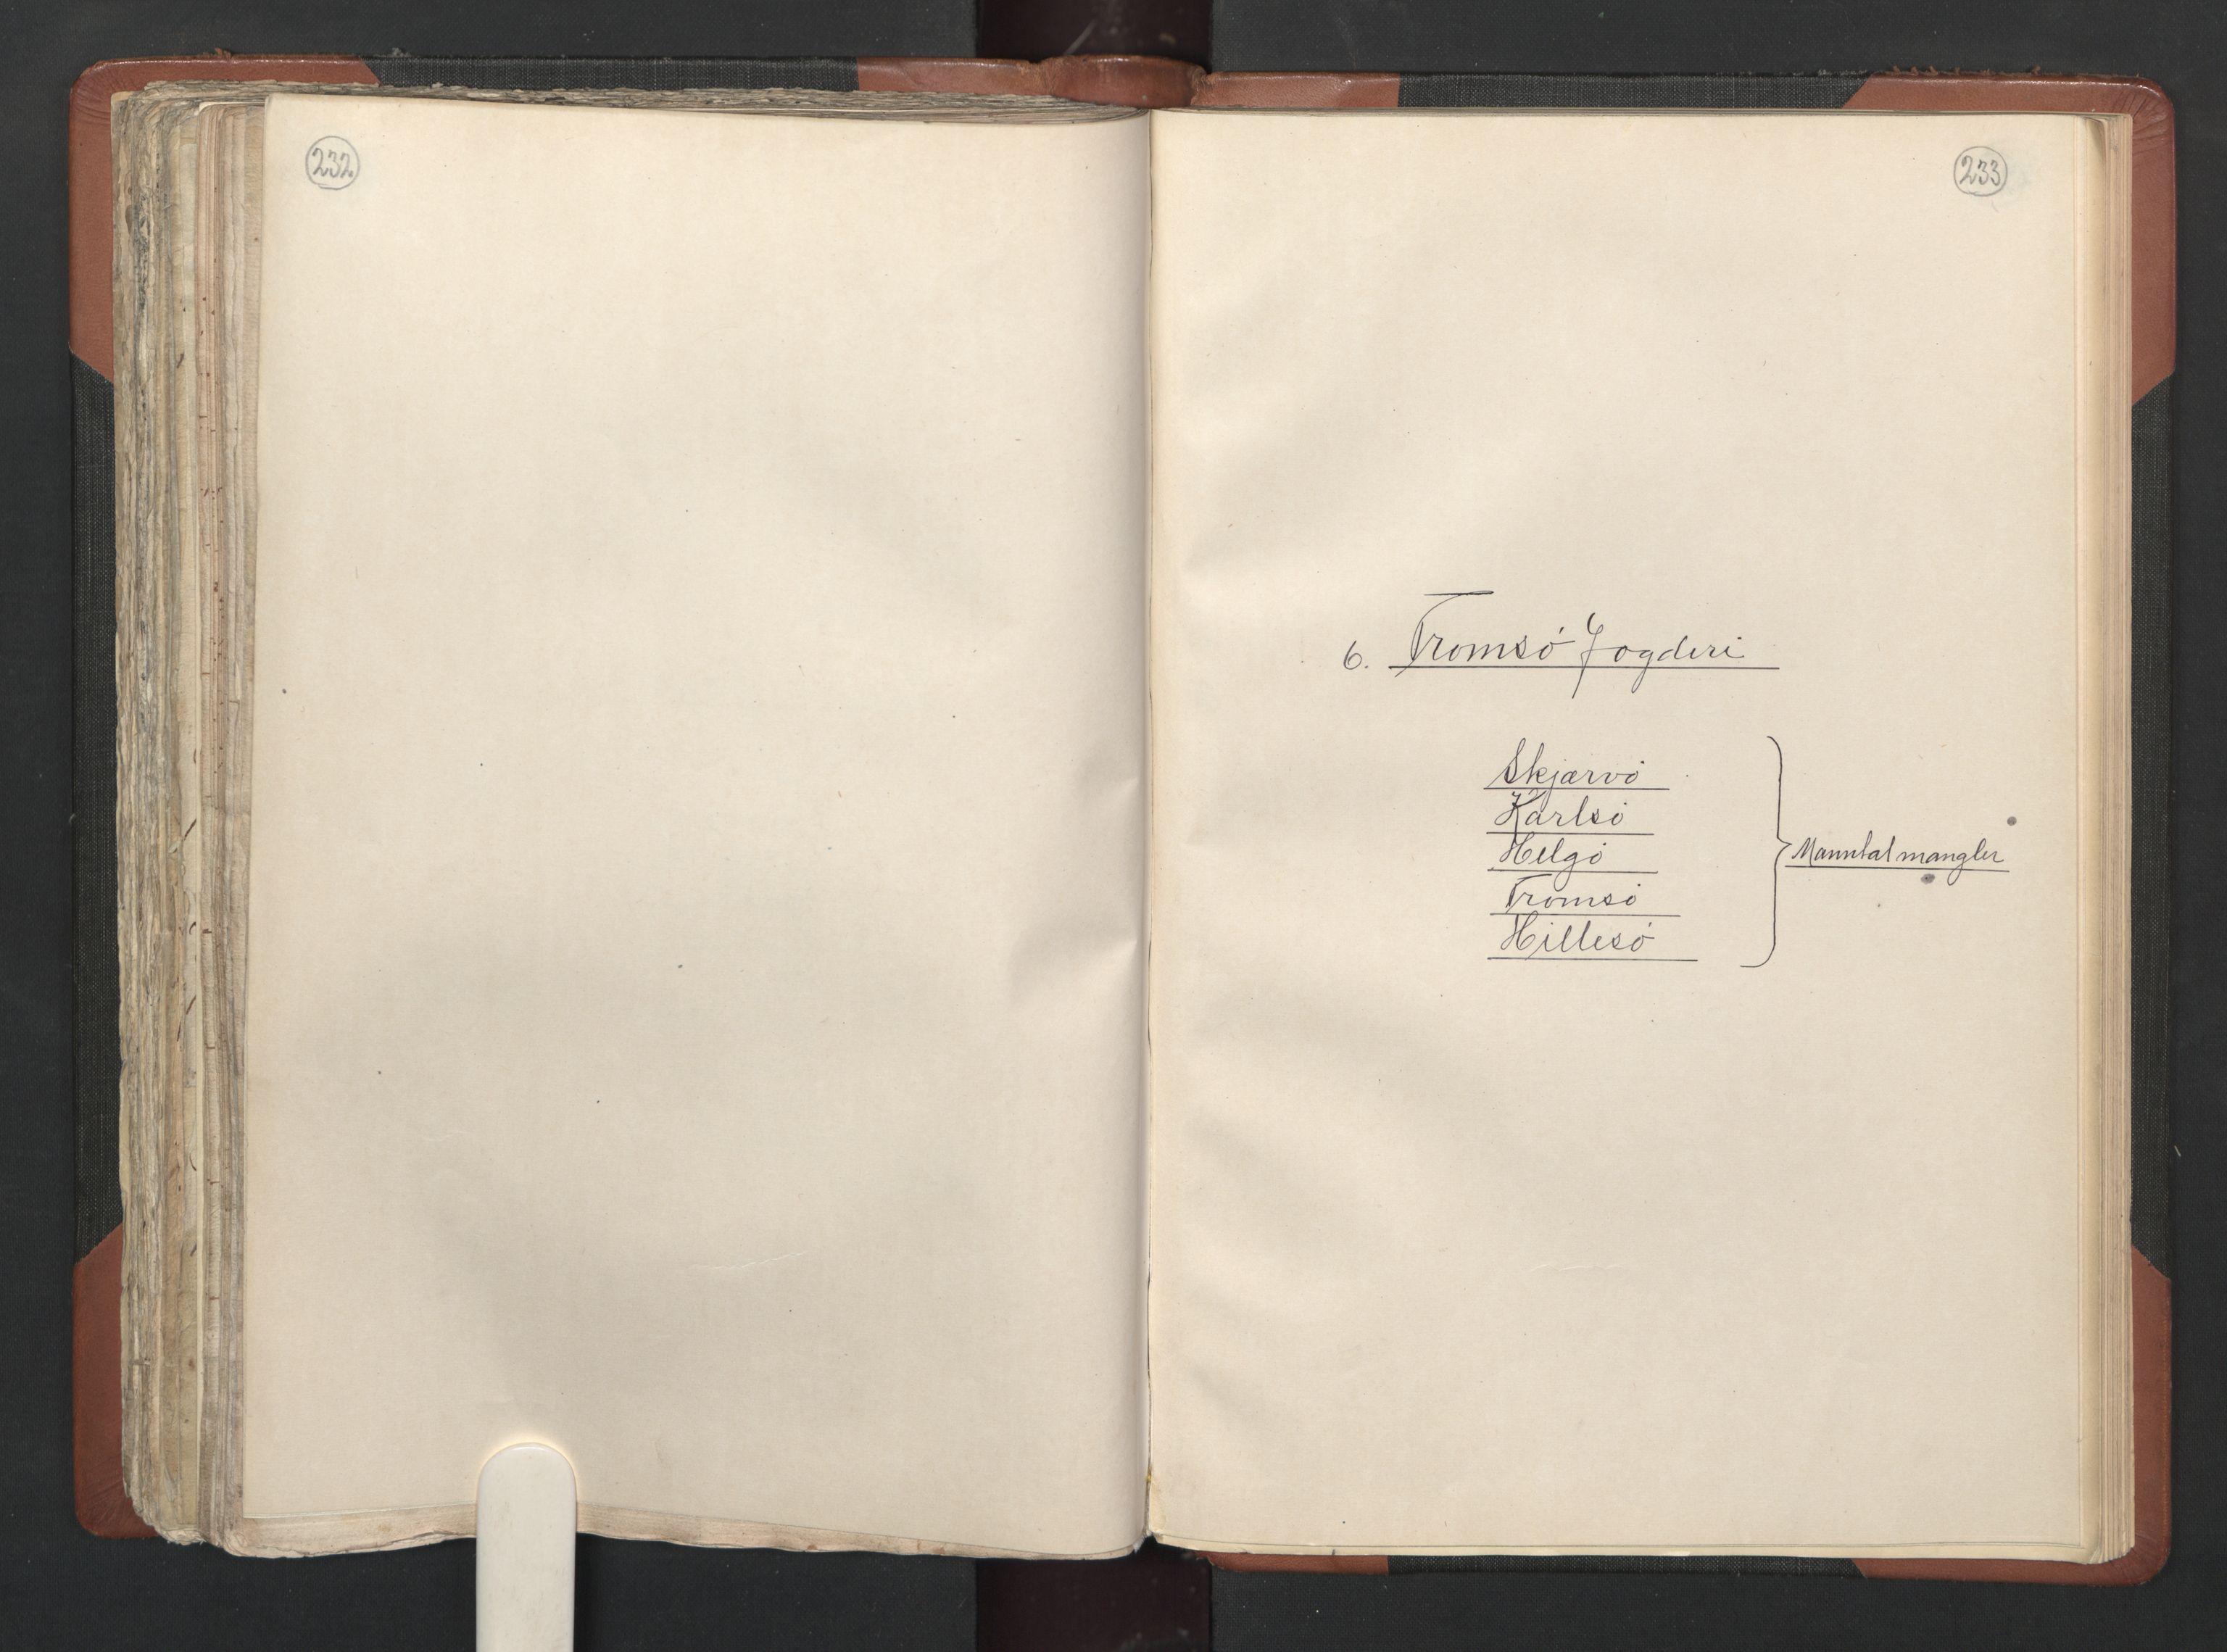 RA, Fogdenes og sorenskrivernes manntall 1664-1666, nr. 20: Fogderier (len og skipreider) i nåværende Nordland fylke, Troms fylke og Finnmark fylke, 1665, s. 232-233